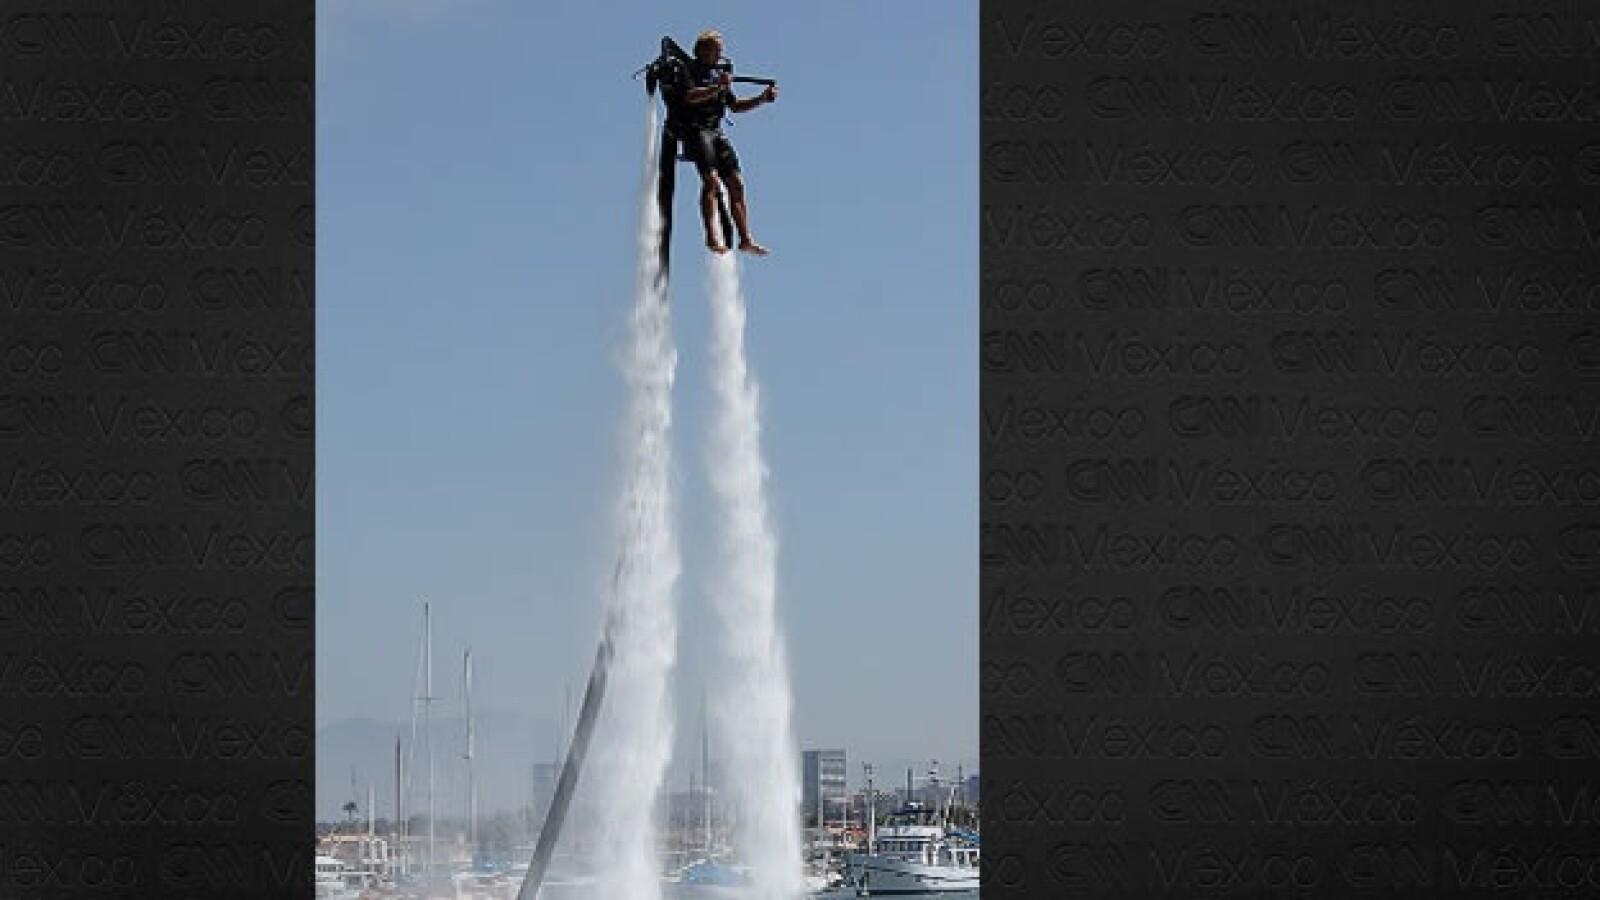 jet pack acuático Jetlev retiros laborales extremos trabajador oficina trabajo